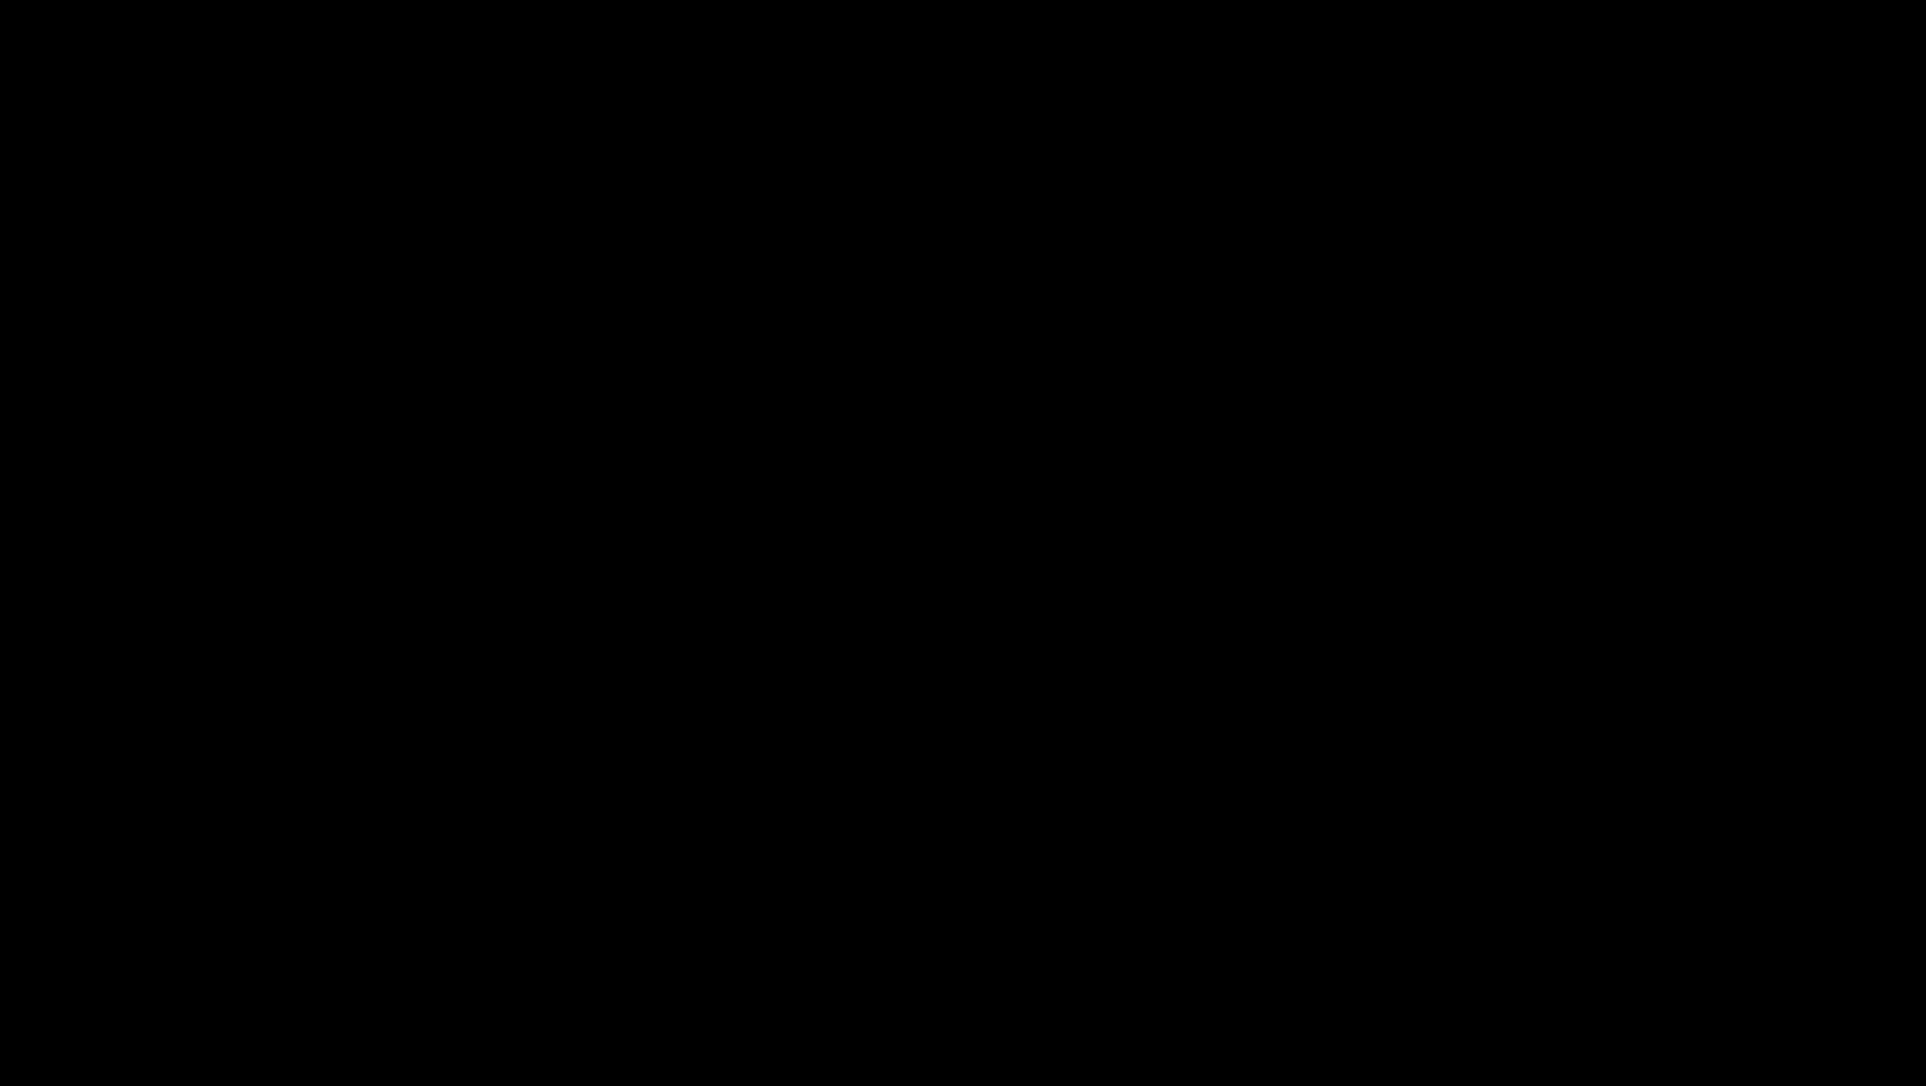 6-(Dansylamino)hexanoic acid N-succinimidyl ester